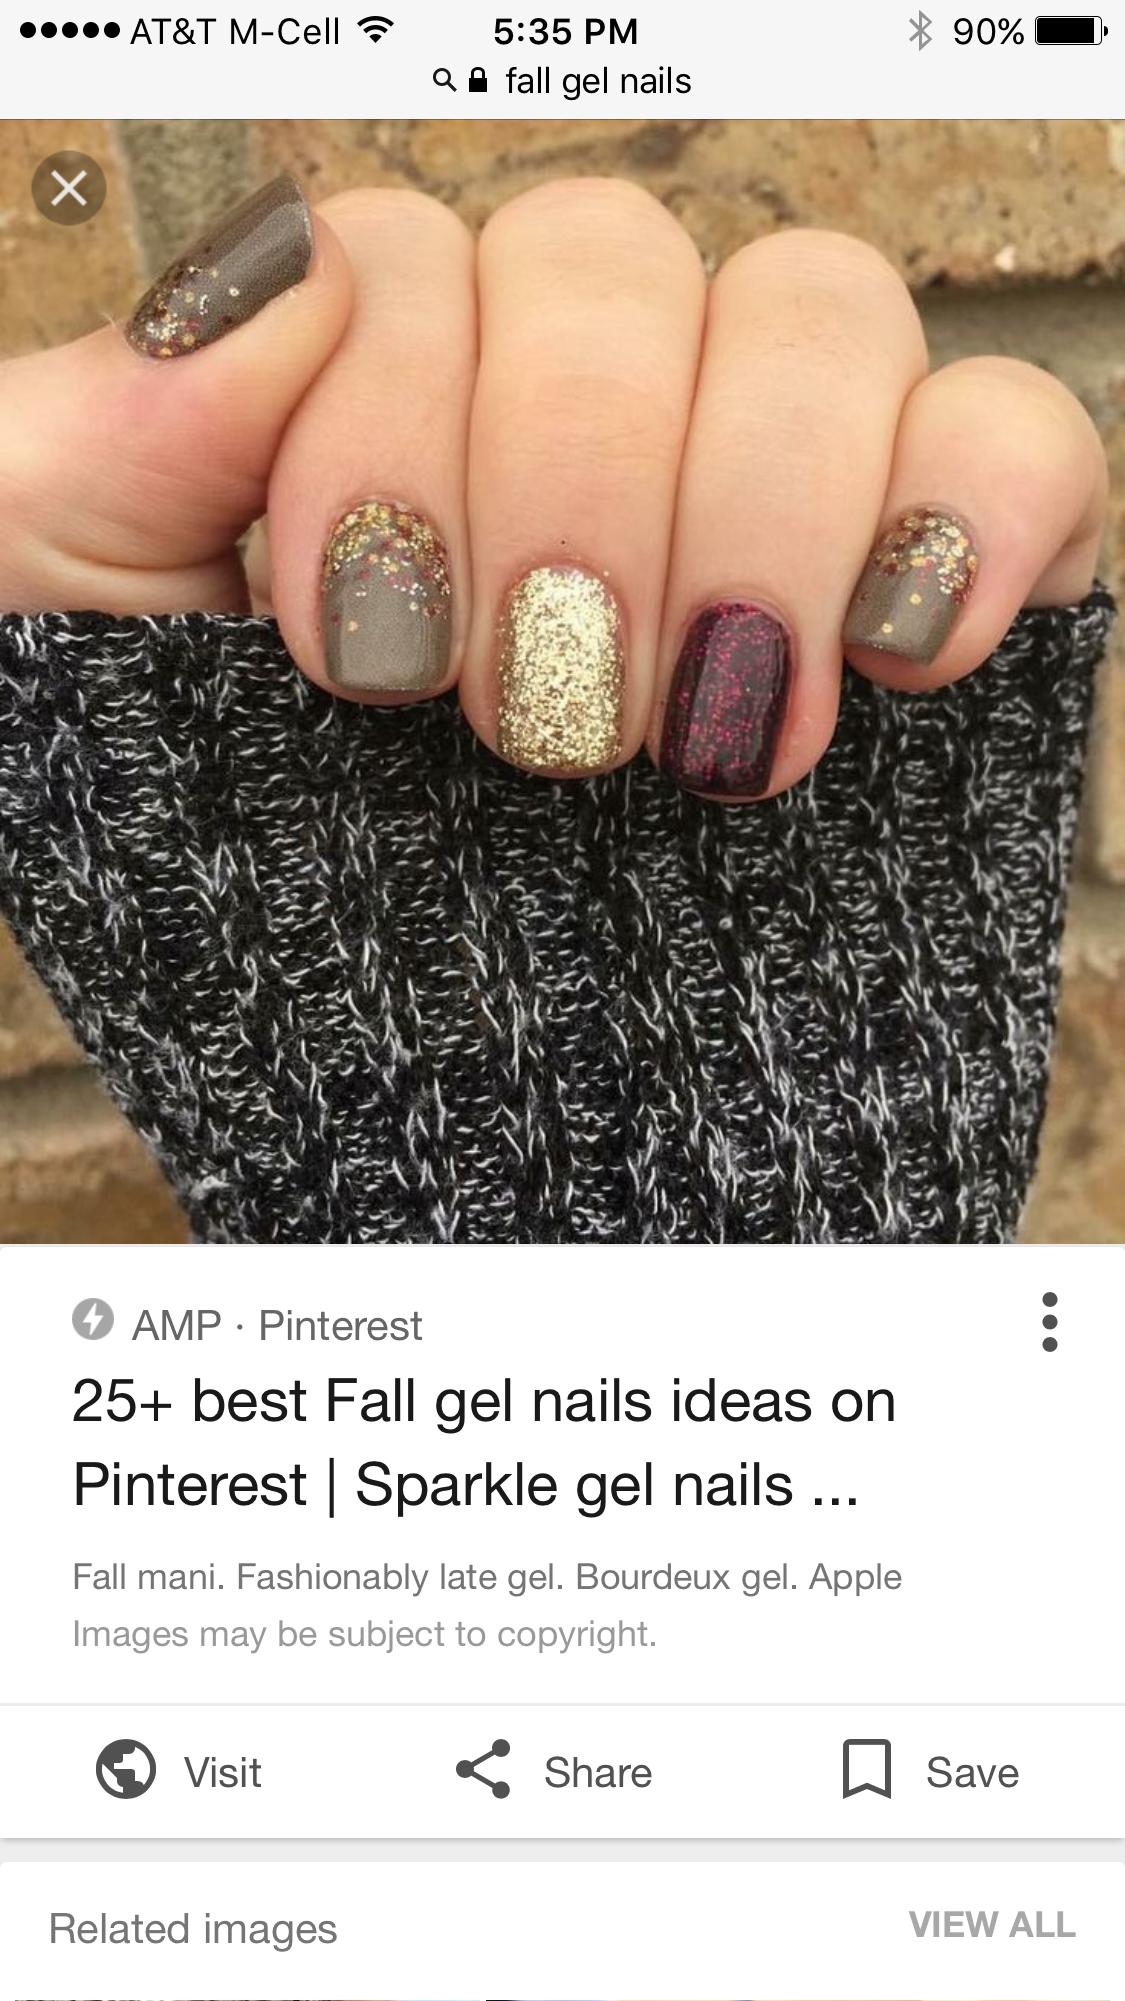 Pin by Tiffany Pietrowski on nails | Pinterest | Make up, Nail nail ...